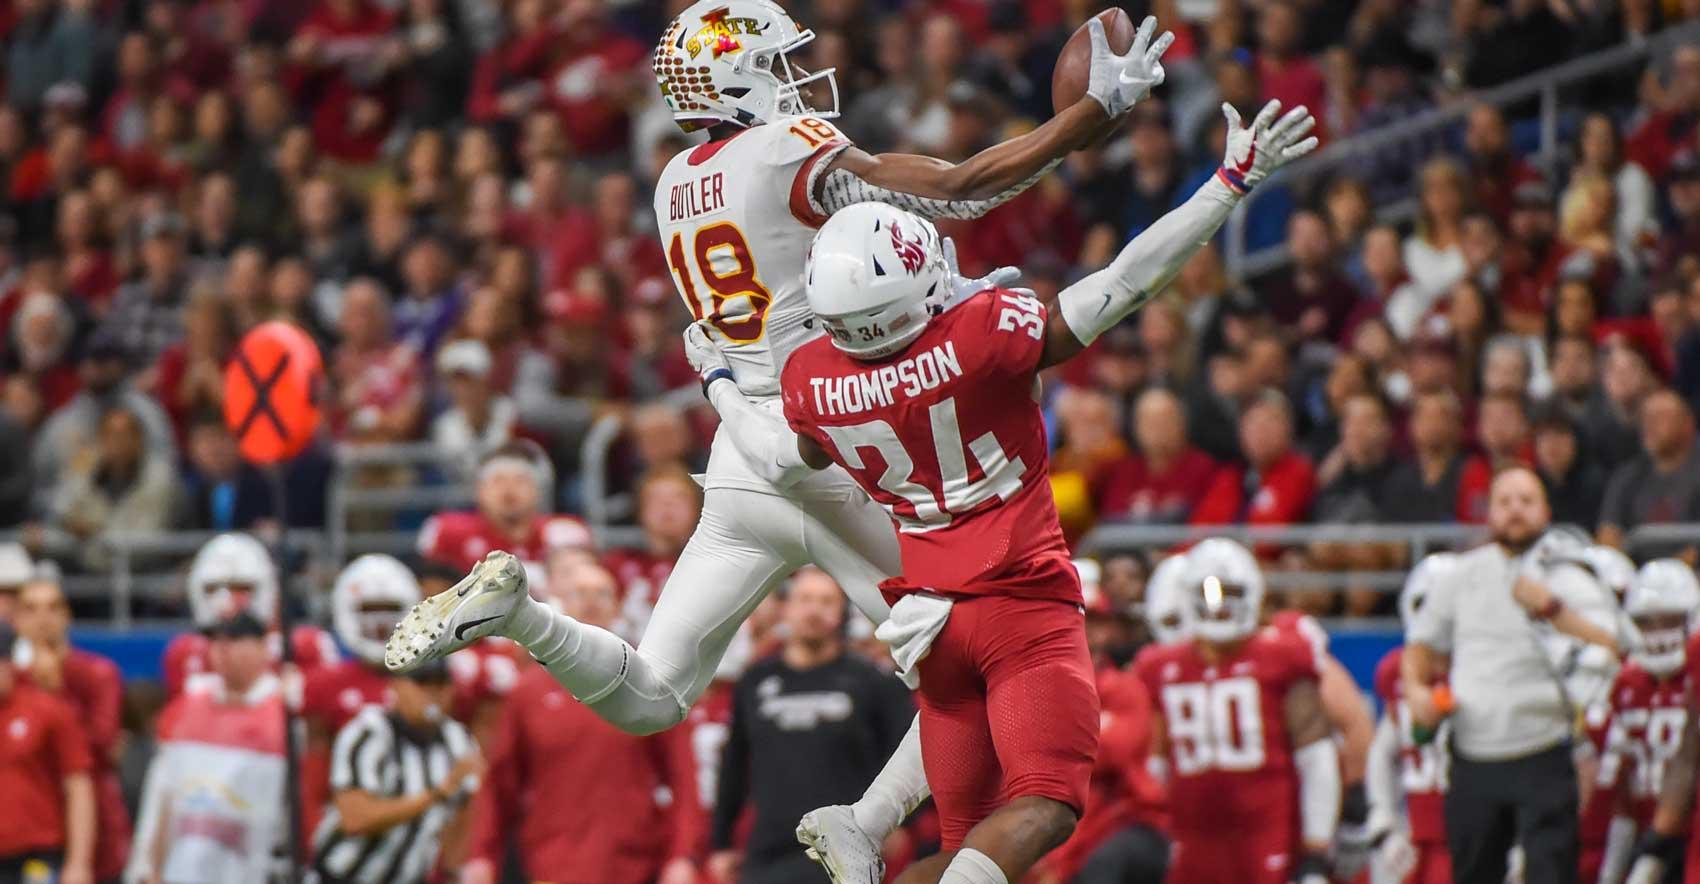 Fantasy Football: 2019 NFL Draft WR Landing Spots Part 3